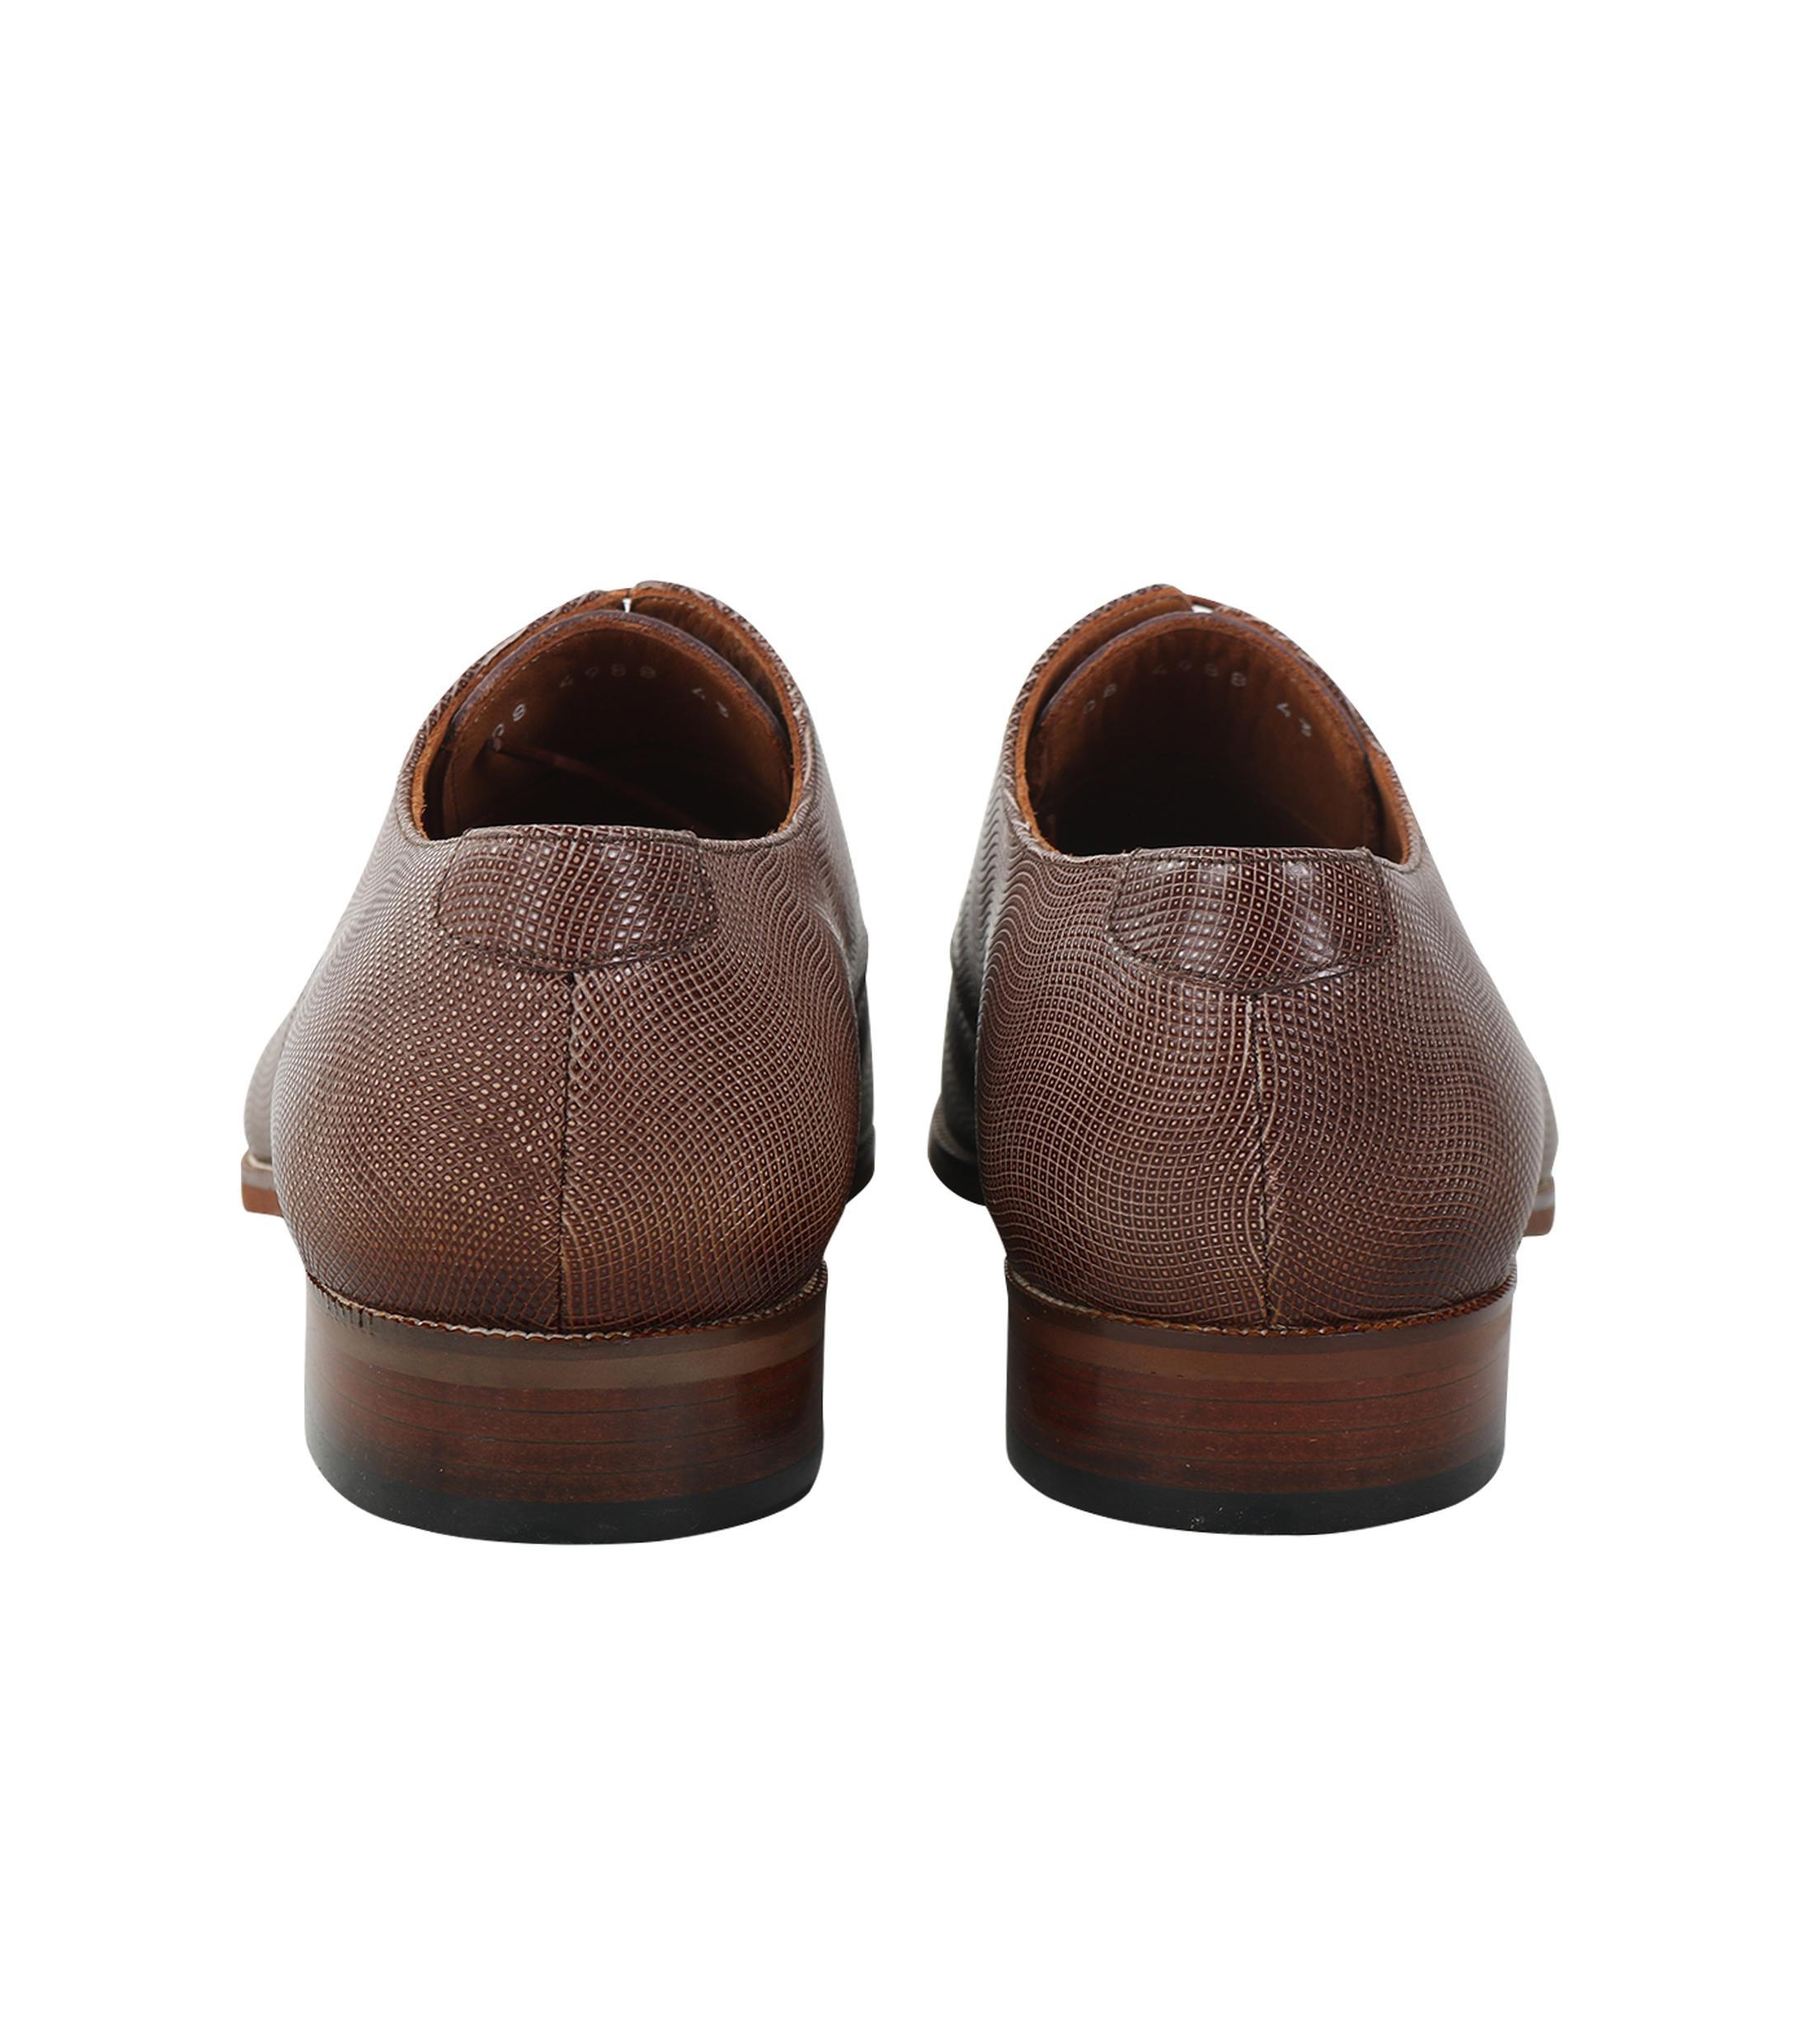 Chaussures Pour Hommes En Cuir Marron De Halley 7mN7W